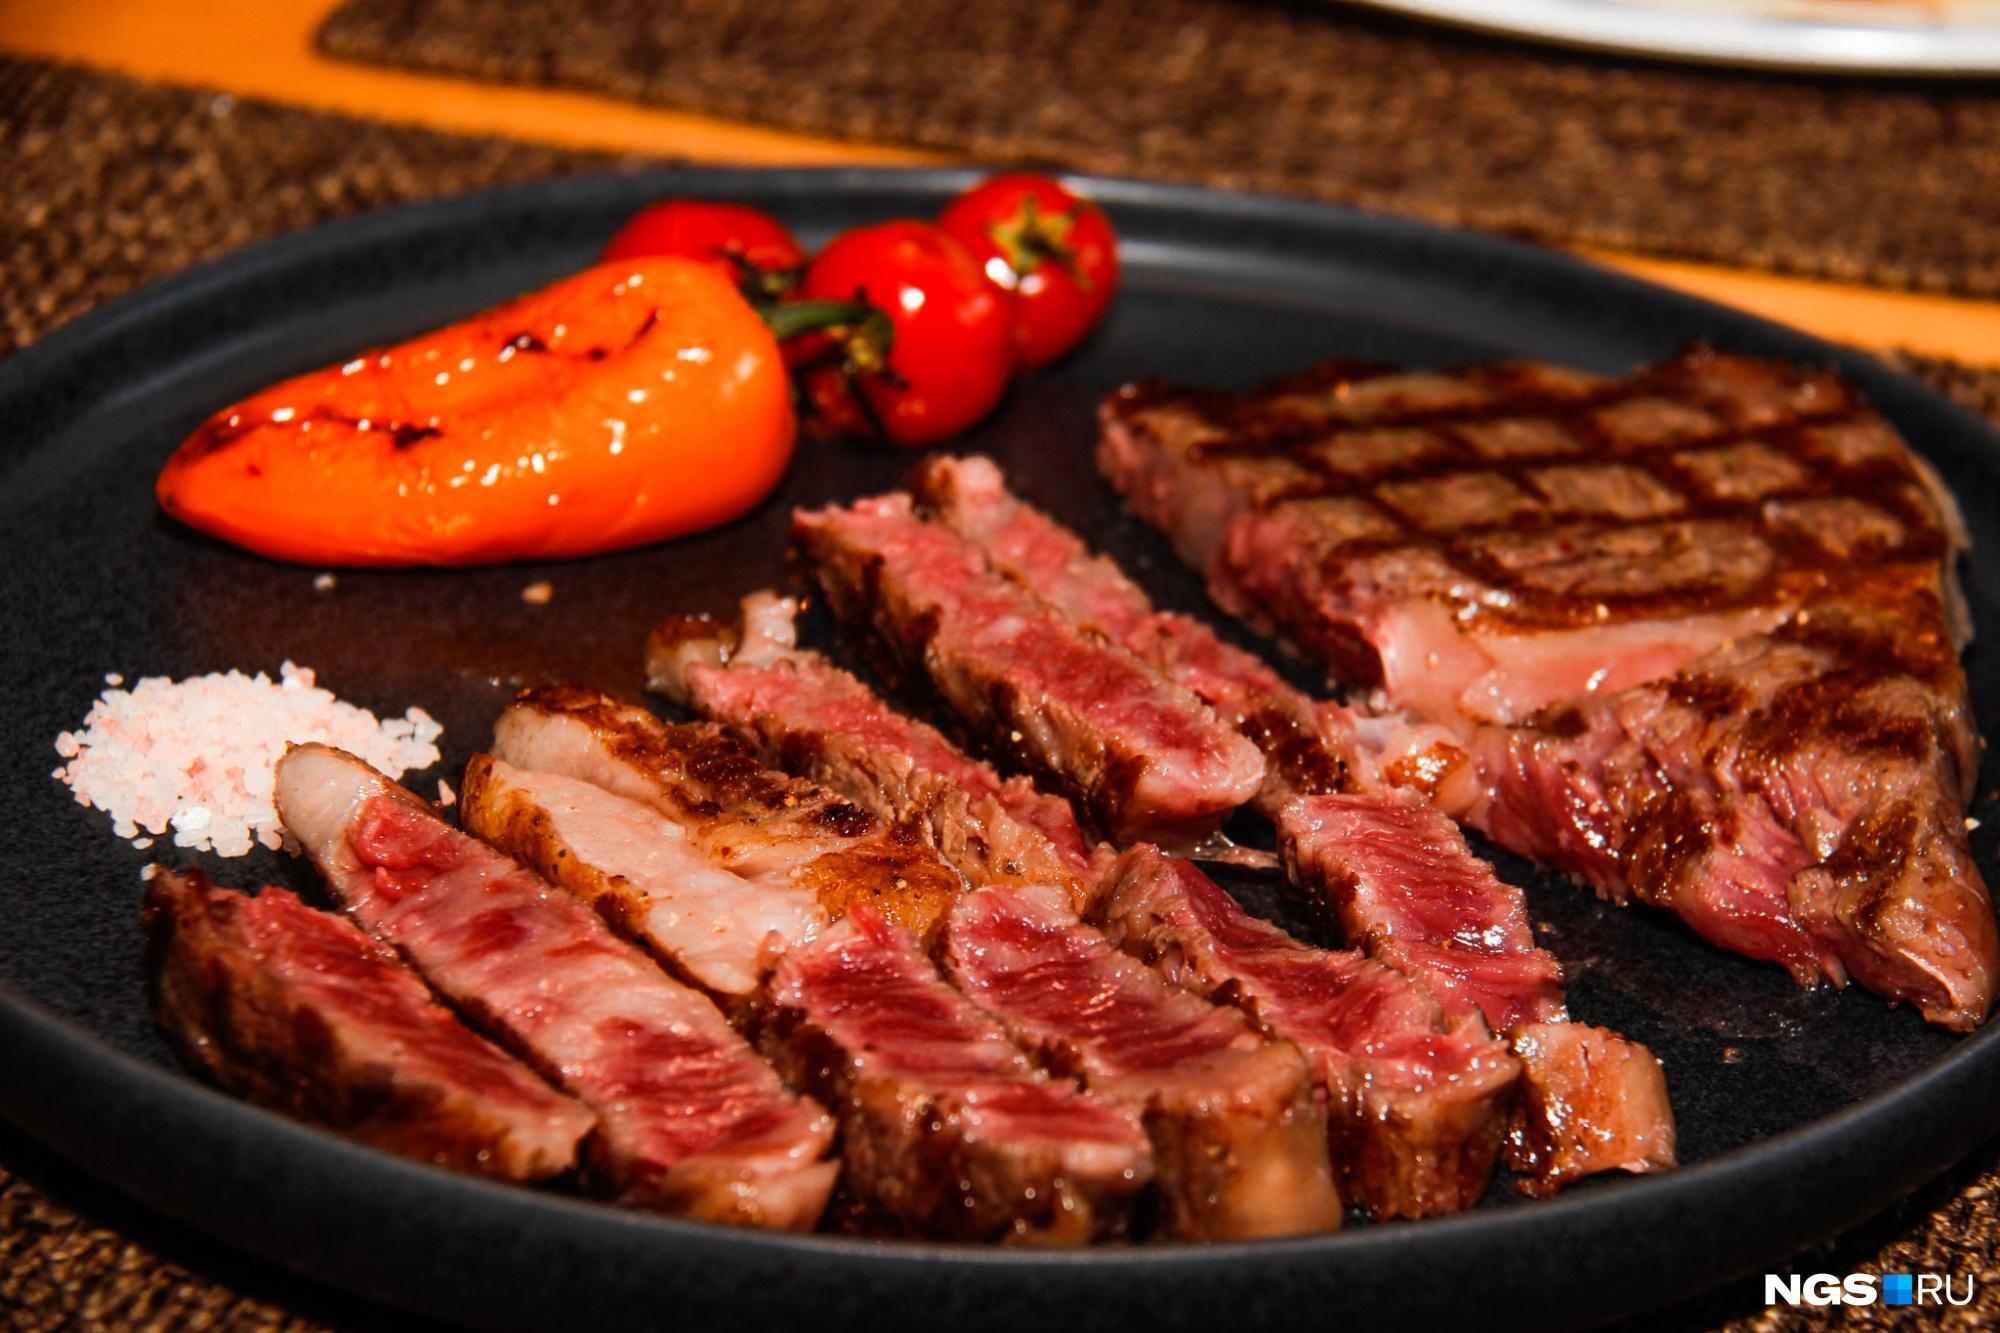 В Роспотребнадзоре говорят, что состояние здоровья у всех разное, а потому и потребление мяса должно быть индивидуальным. Но то, что этот продукт организму необходим, — факт неоспоримый.